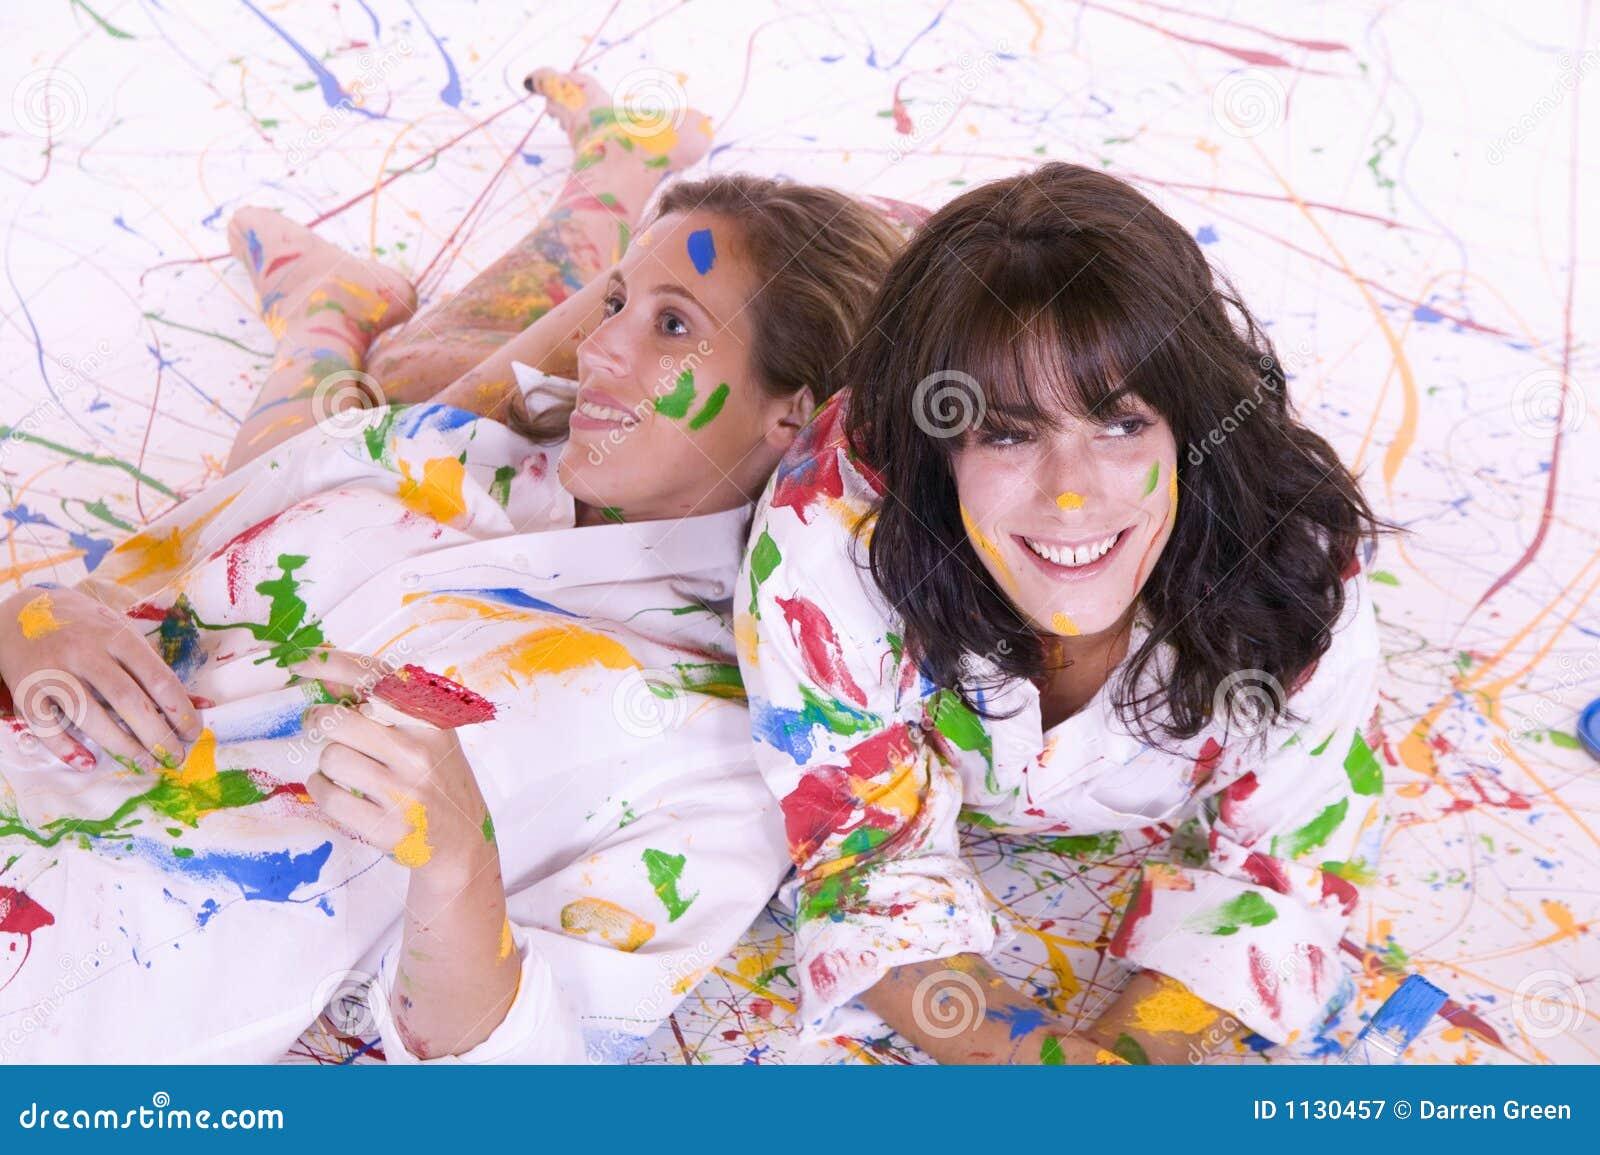 Kolorowe atrakcyjnymi objętych farby młode dwie kobiety.